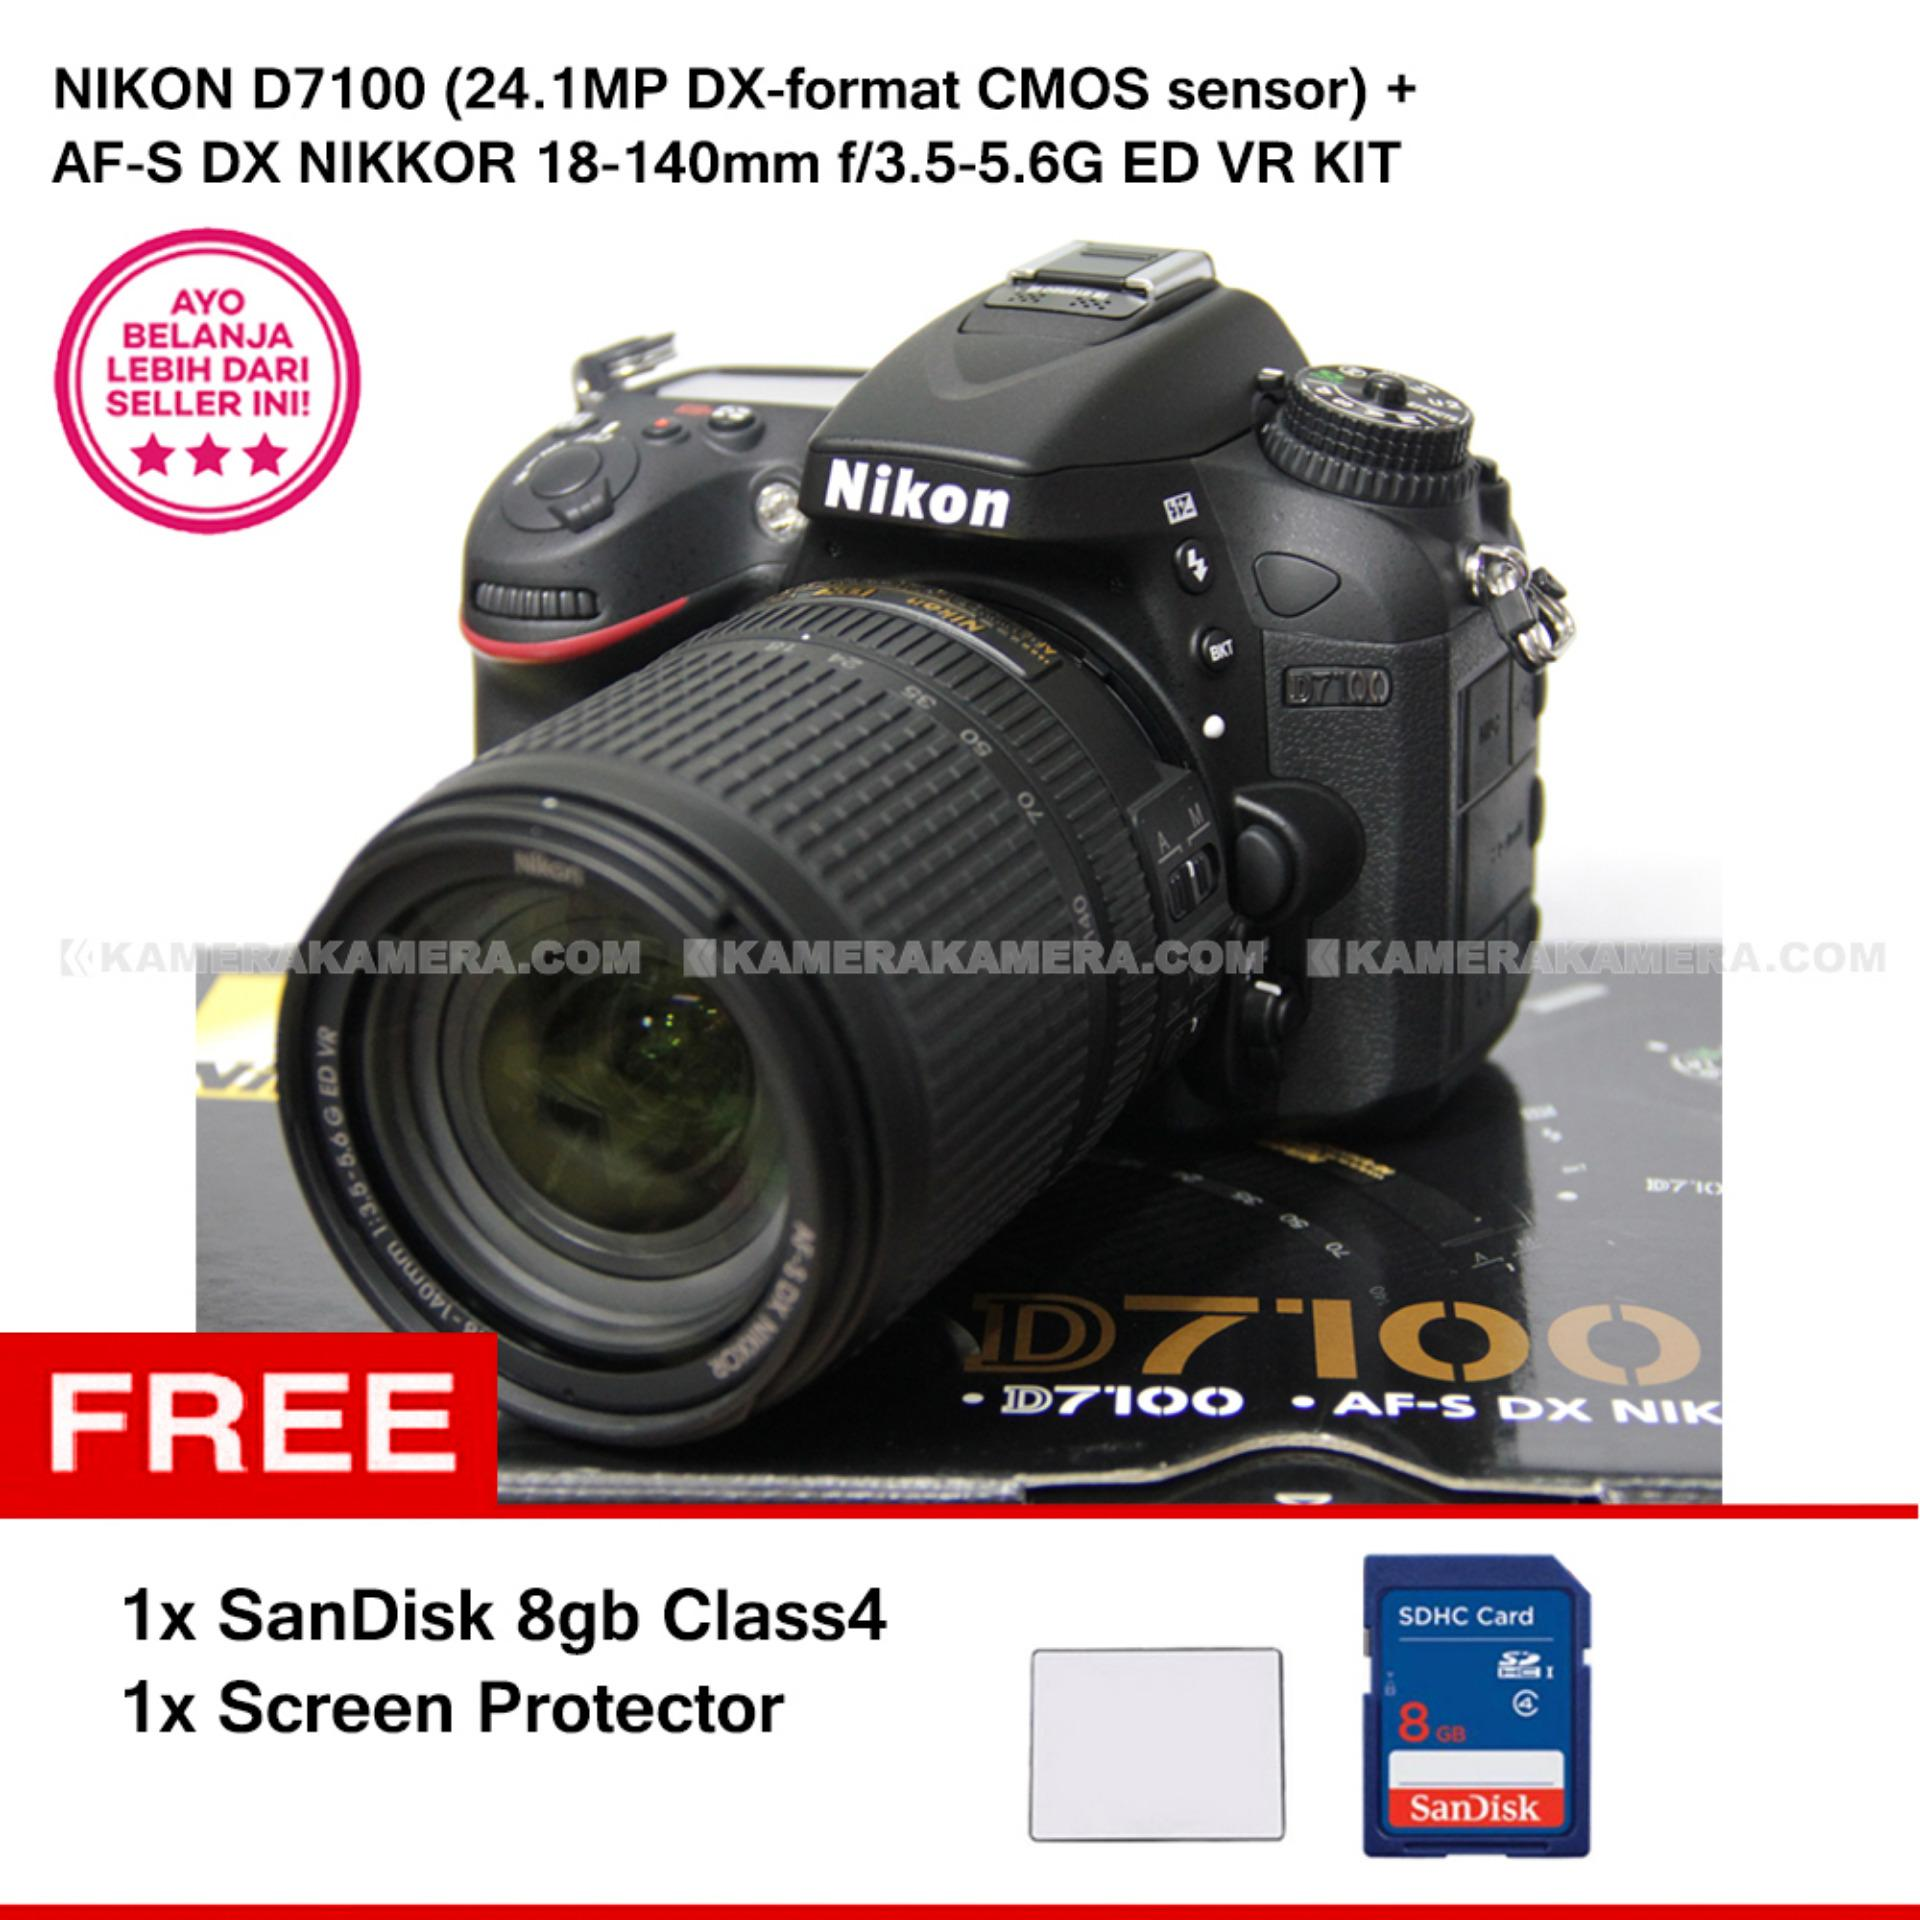 NIKON D7100 (24.1MP DX-format CMOS sensor) + AF-S DX NIKKOR 18-140mm f/3.5-5.6G ED VR KIT + SanDisk 8Gb + Screen Protector